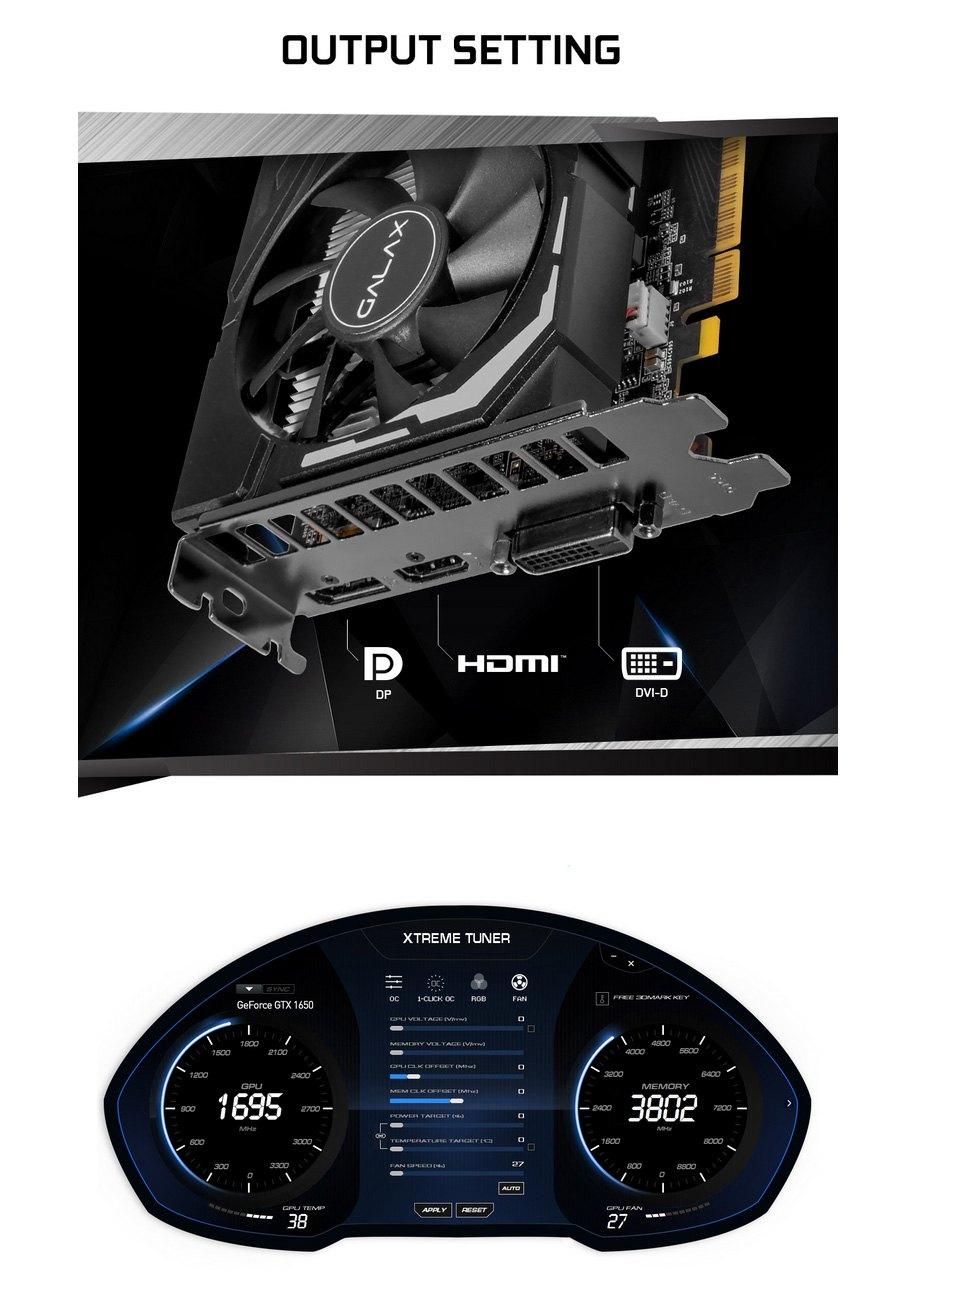 Galax GeForce GTX 1650 Super EX 1-Click OC 4GB features 2